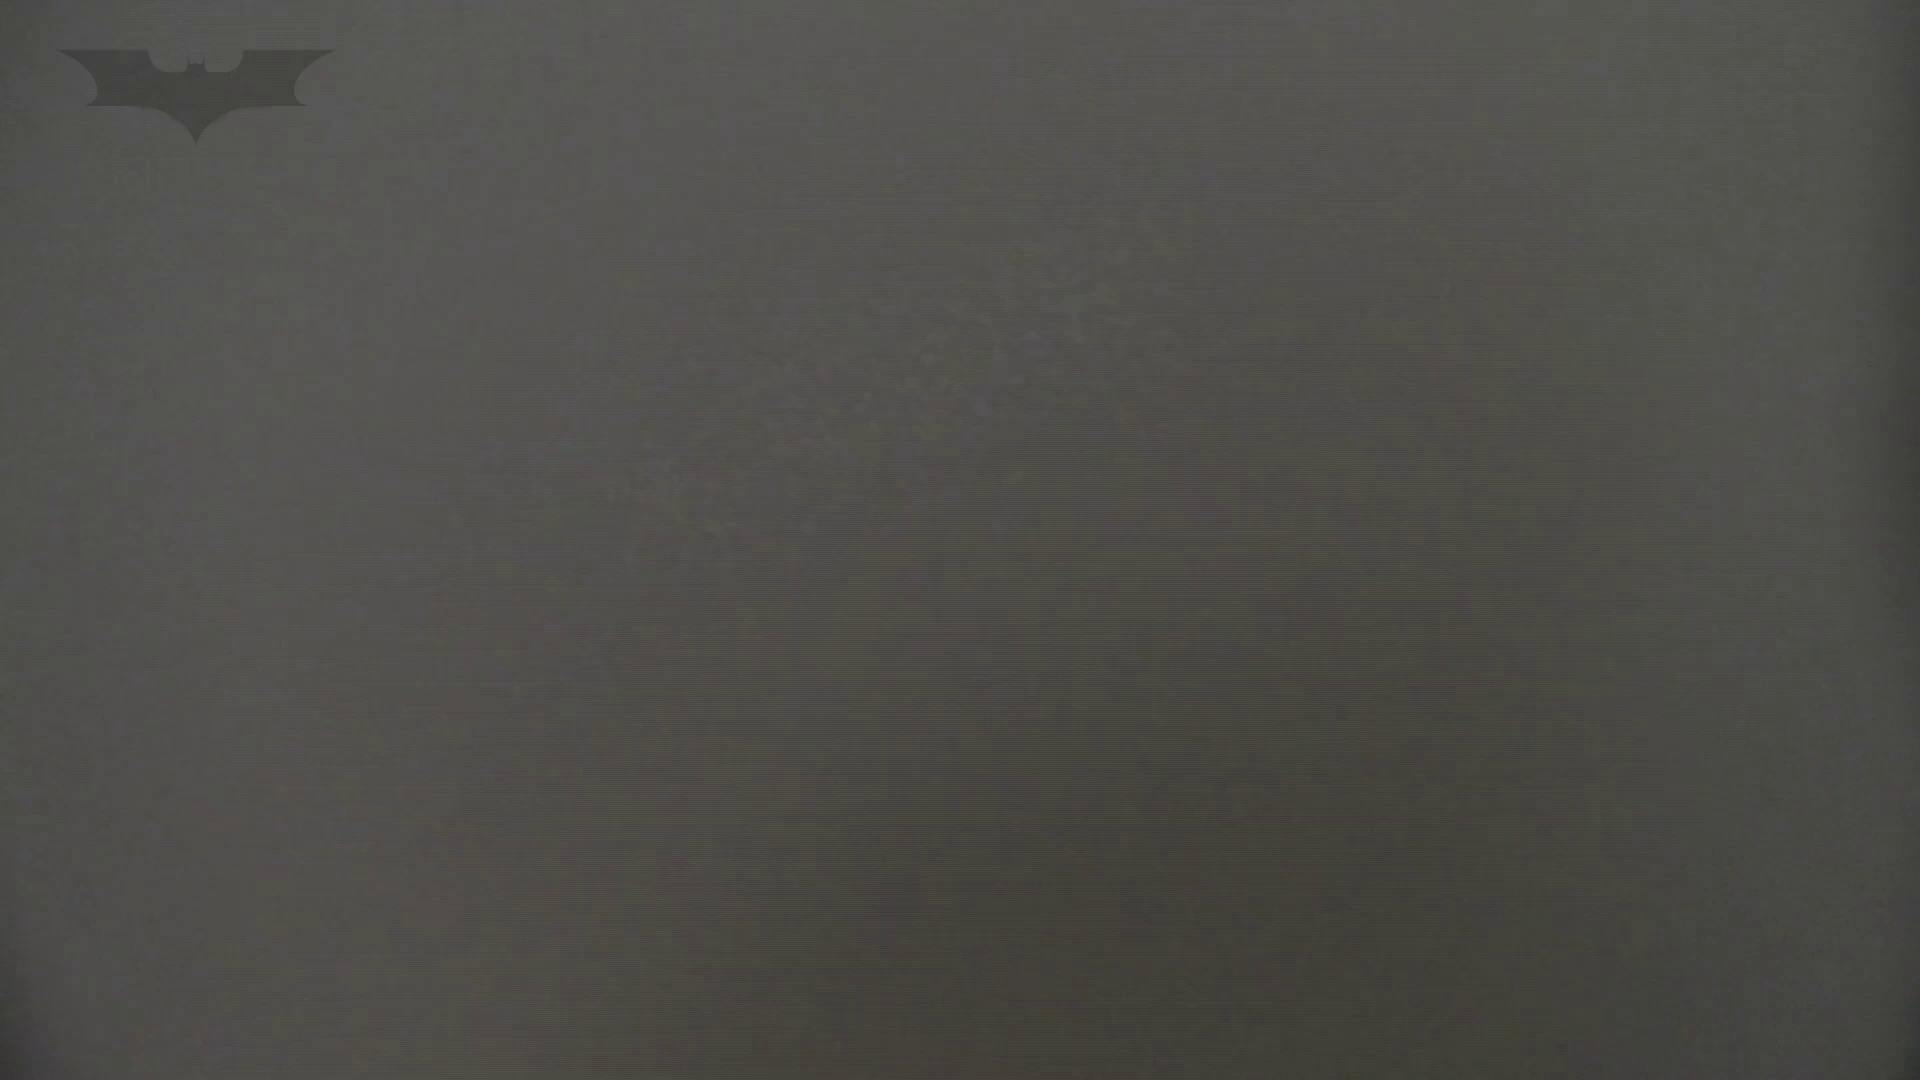 美しい日本の未来 No.33 黒パンをやっと下げる? 覗き エロ無料画像 89連発 74